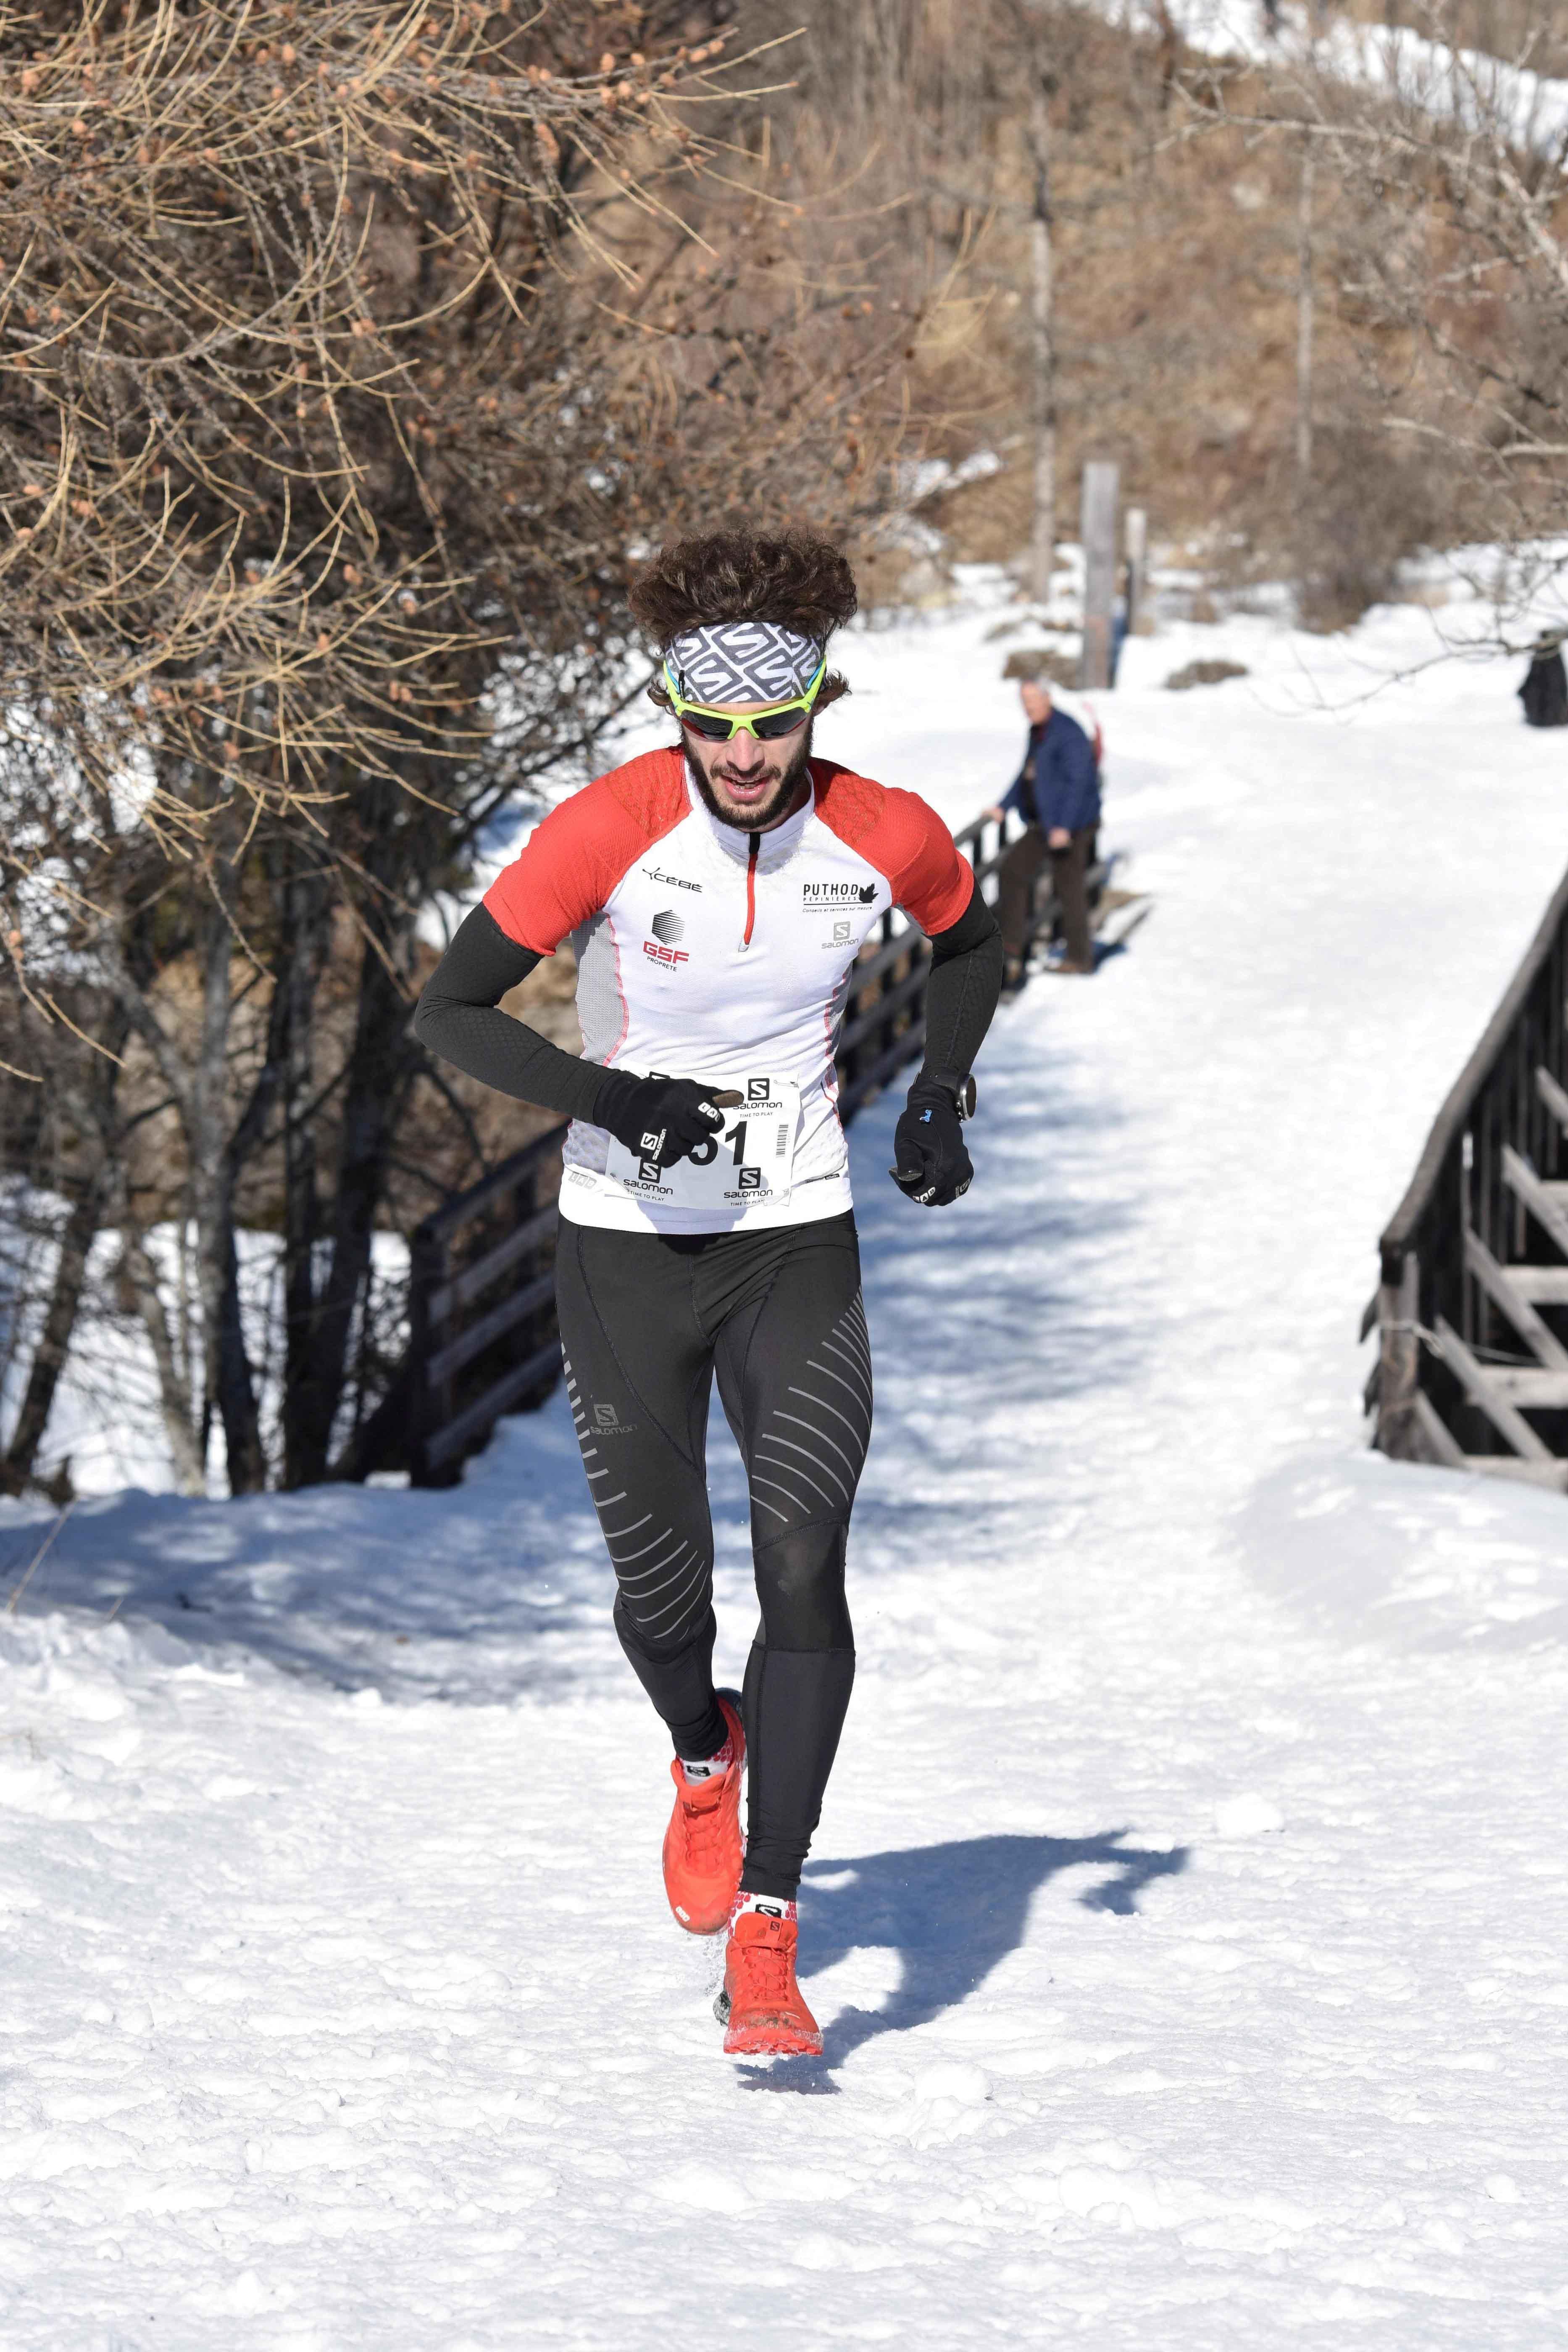 Thibaut Baronian vainqueur 9 km photo JMK Consult - UBAYE SNOW TRAIL SALOMON UNE 8EME EDITION FORT REUSSIE ! 19-02-2017 RESULTATS ET VIDEO